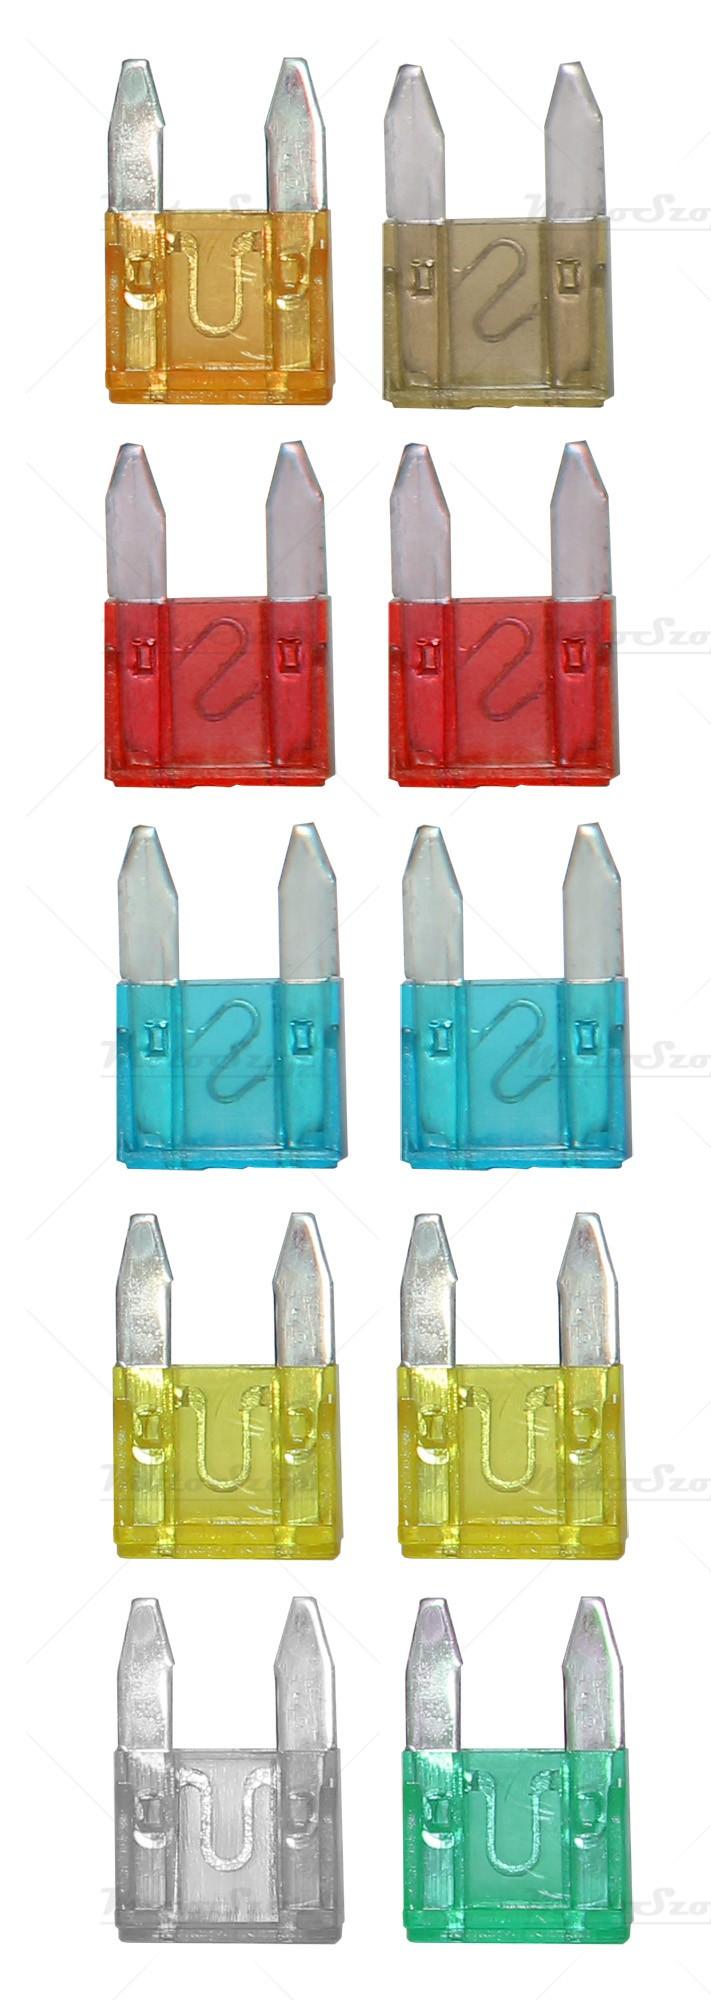 Bezpiecznik płytkowy MINI 20A (100szt.)